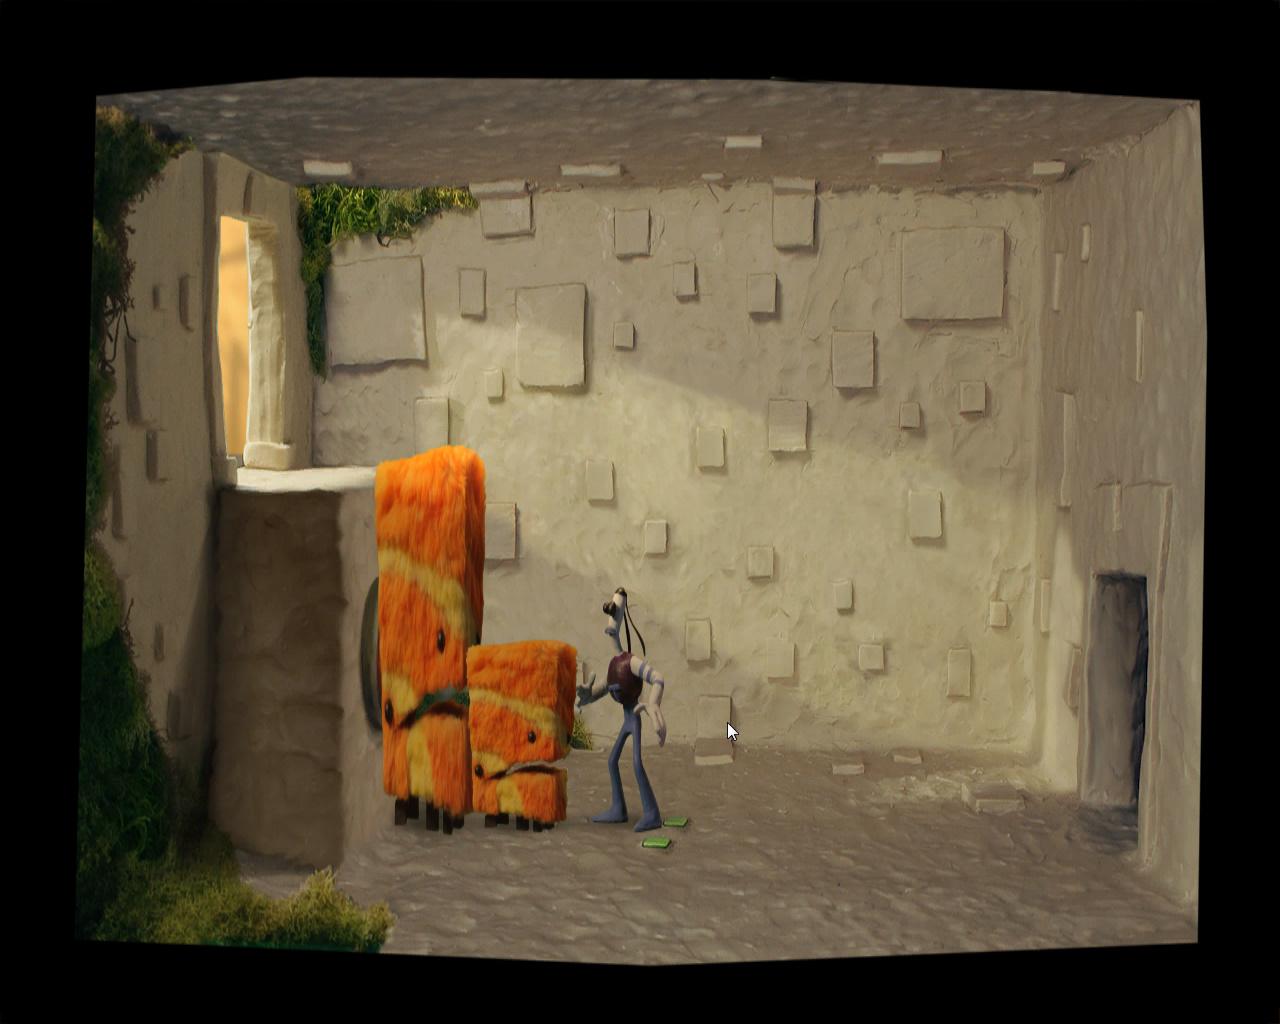 Армикрог - Используем двух монстров, чтобы добраться к двери (уровень 2)